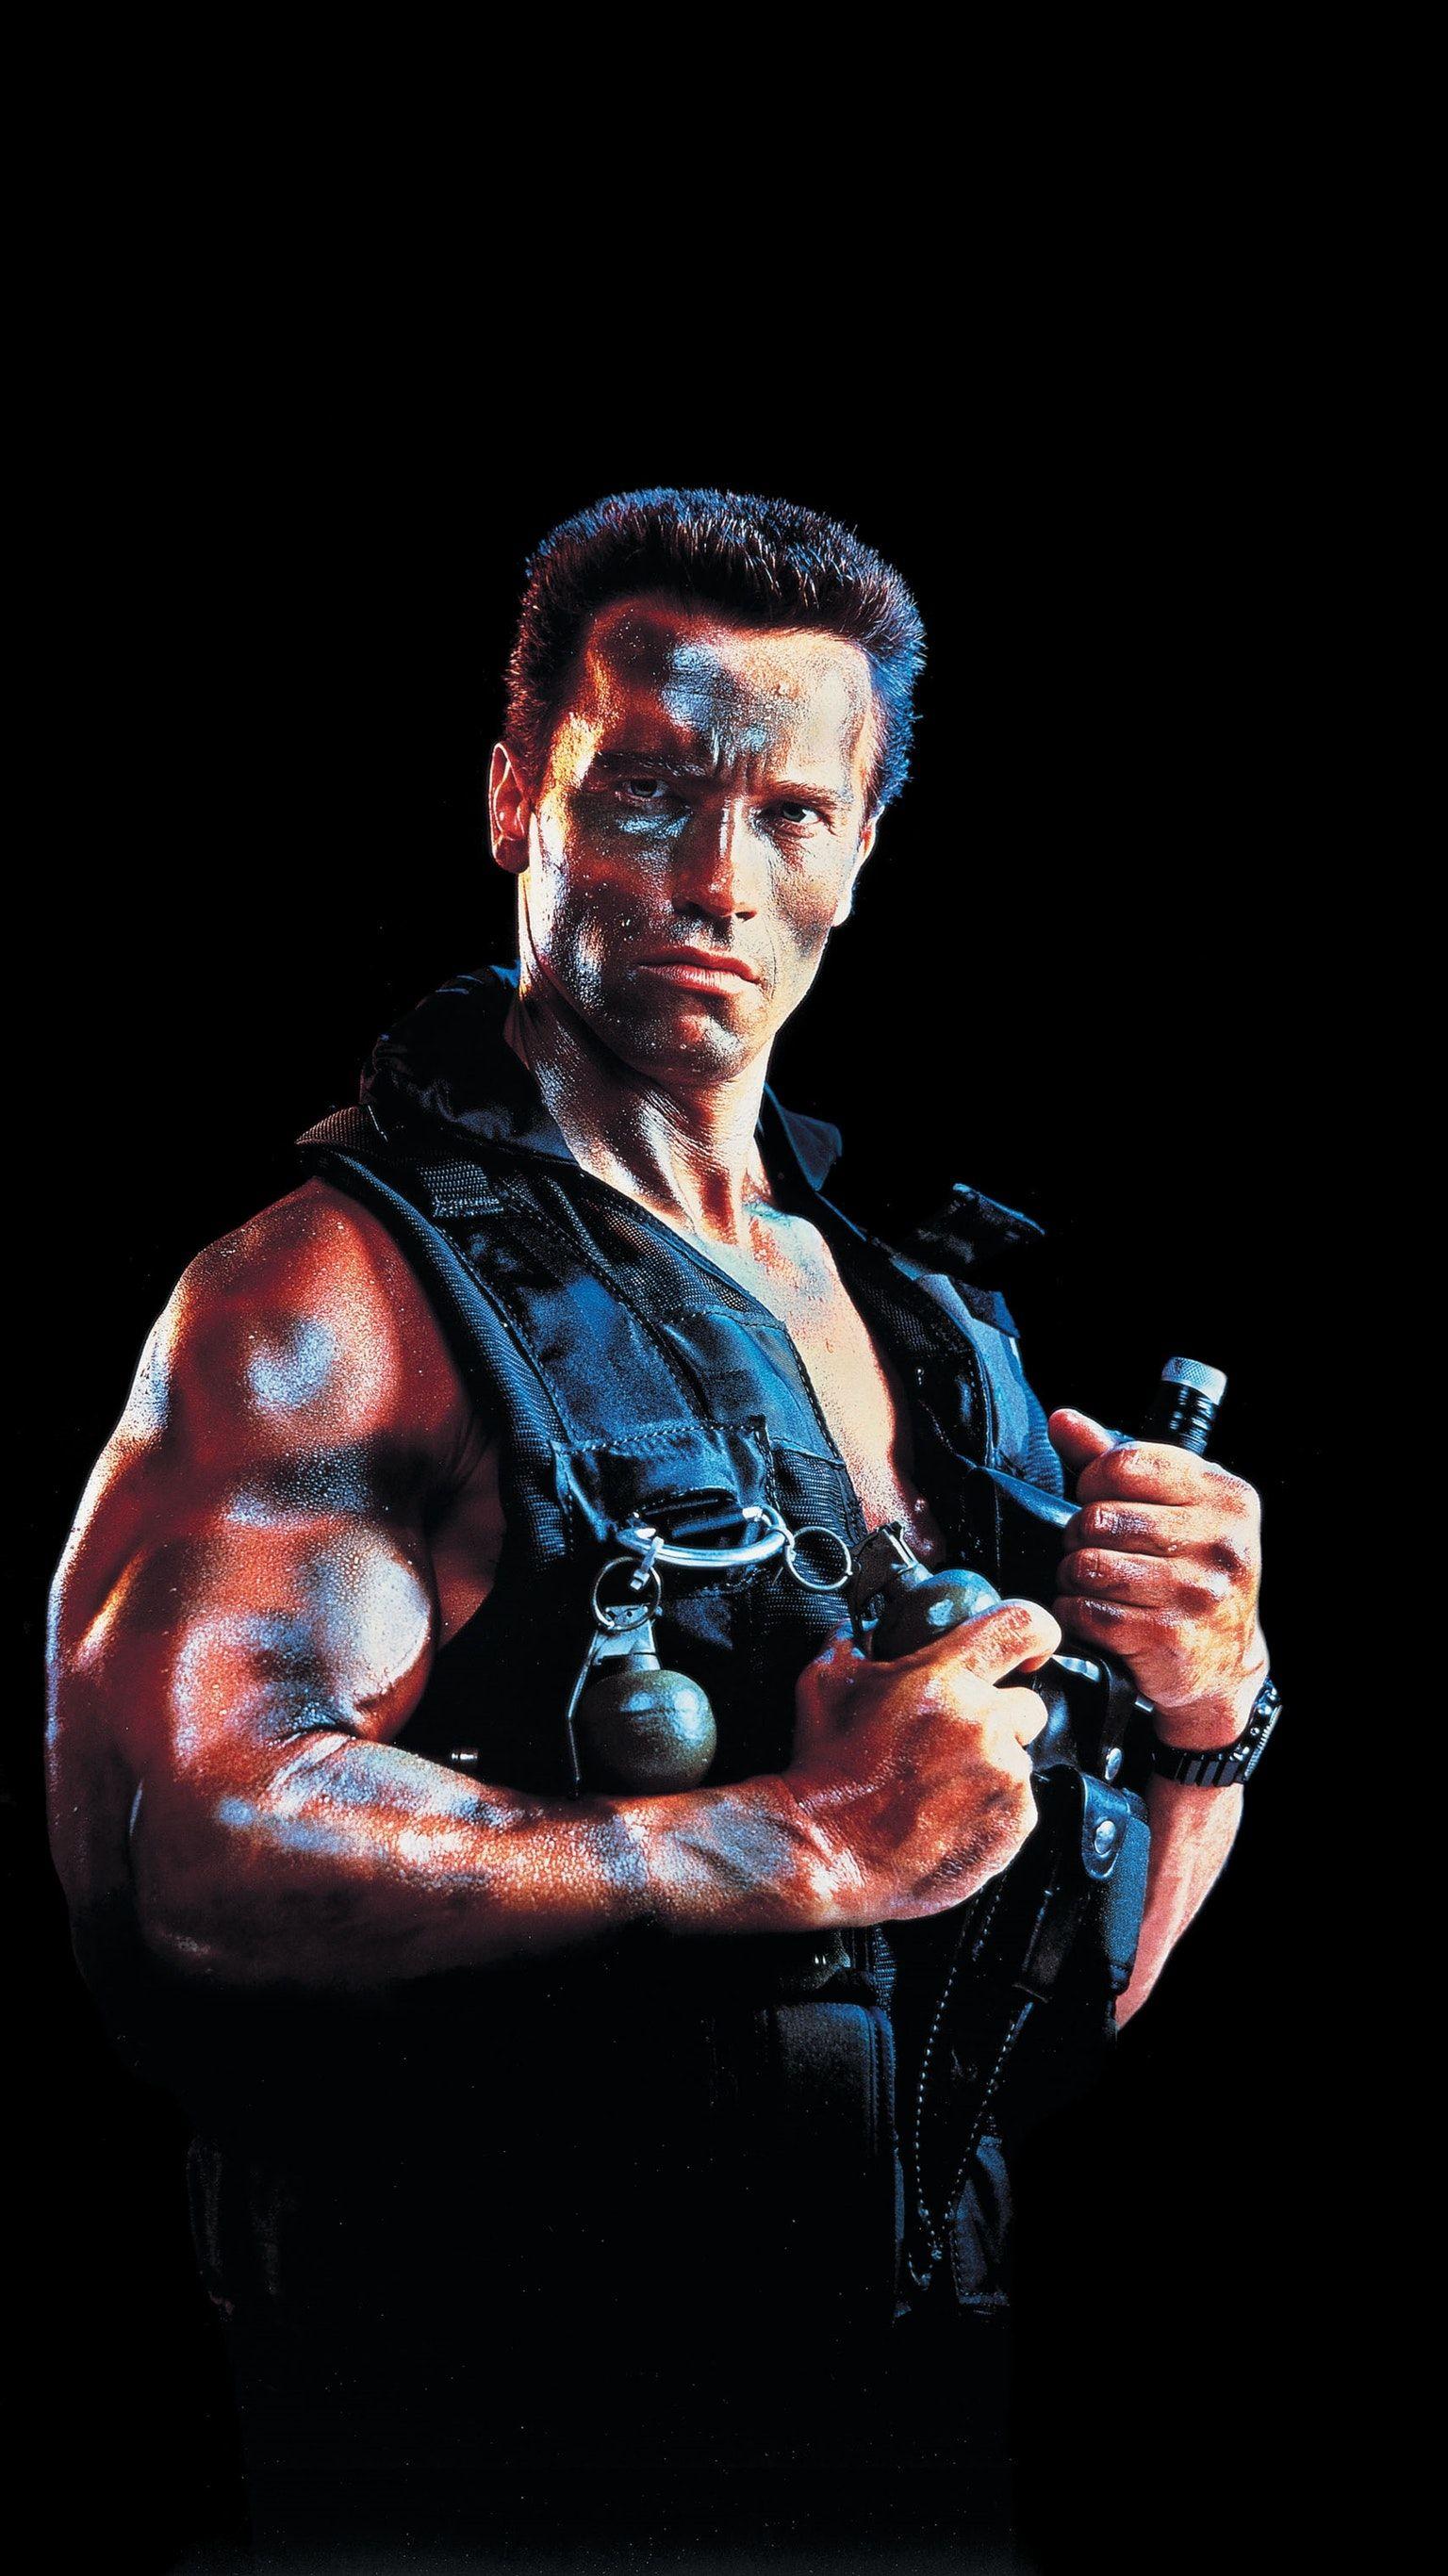 Commando 1985 Phone Wallpaper Moviemania Arnold Schwarzenegger Schwarzenegger Sylvester Stallone